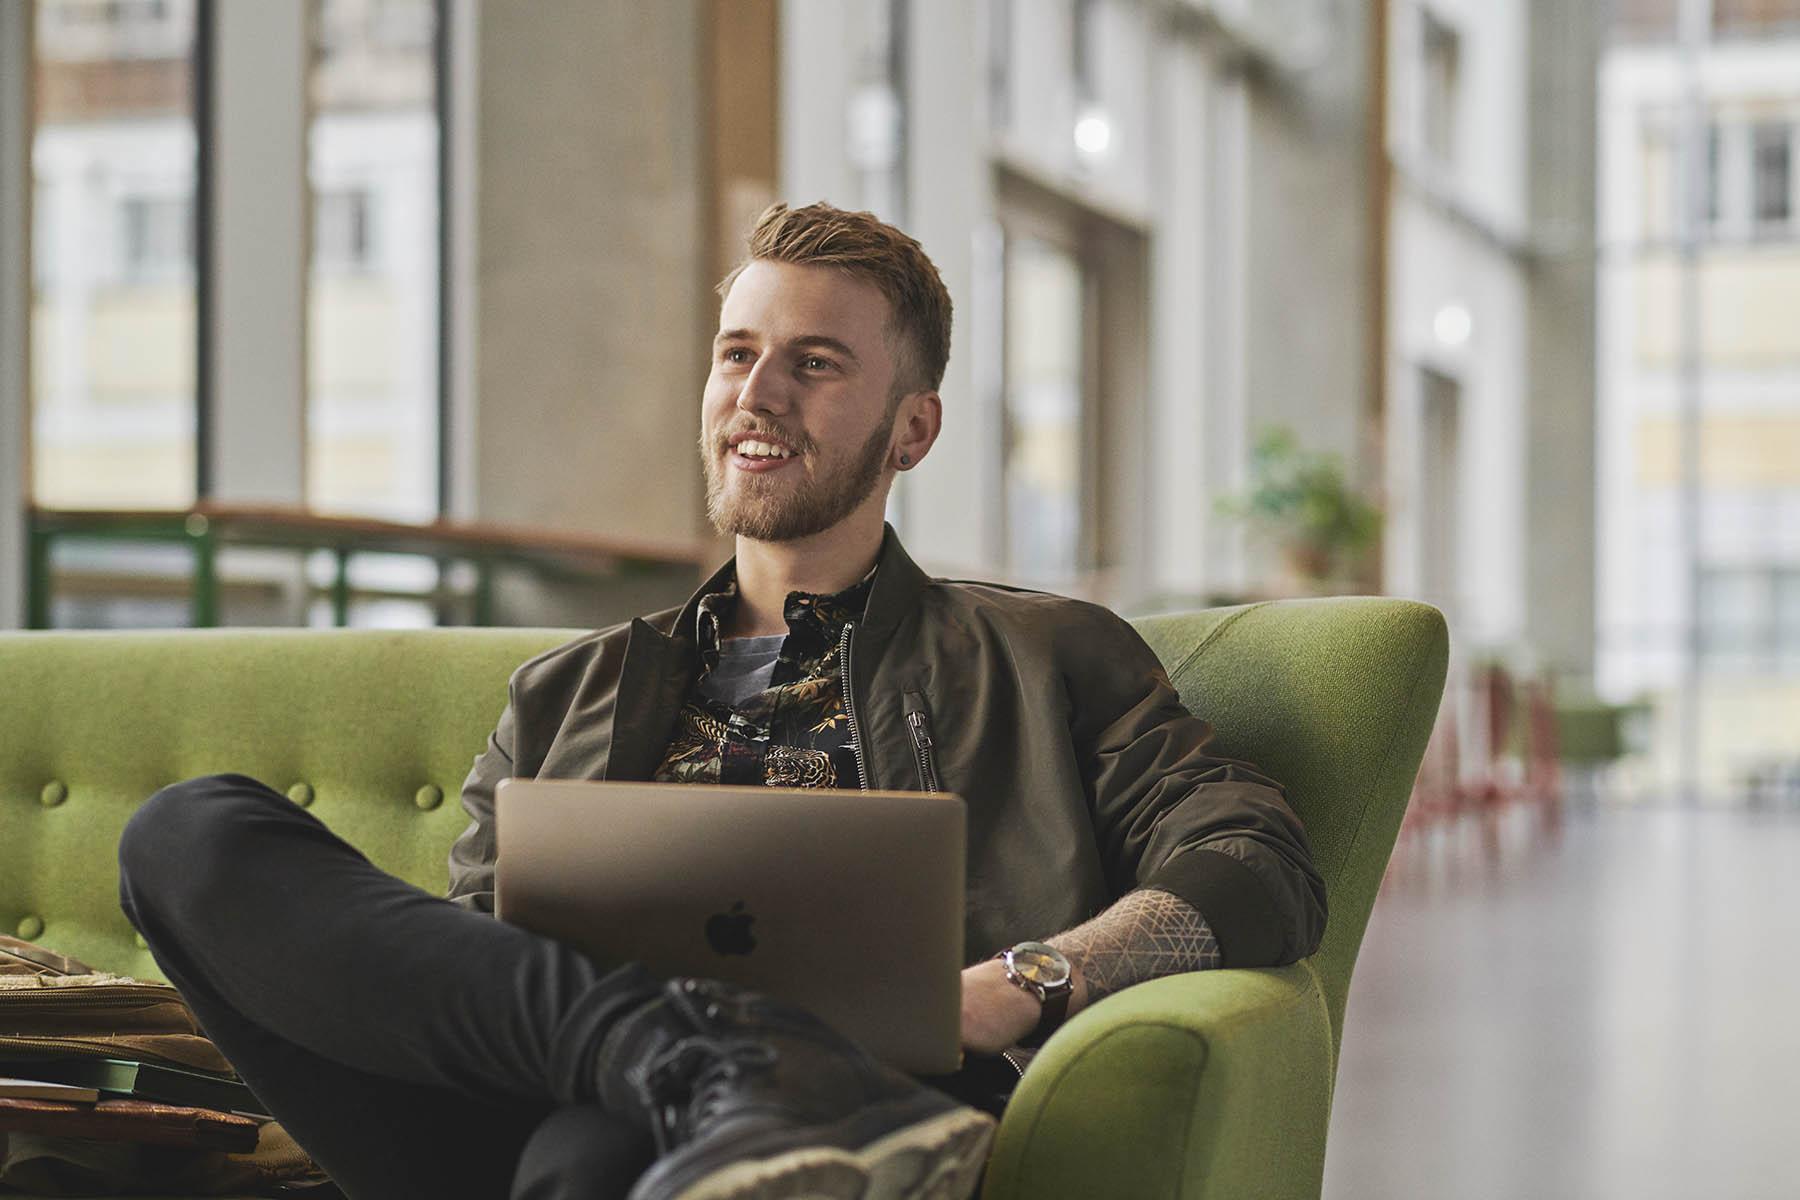 Administrationsøkonom på Københavns Professionshøjskole - fyr sidder i sofa med sin computer